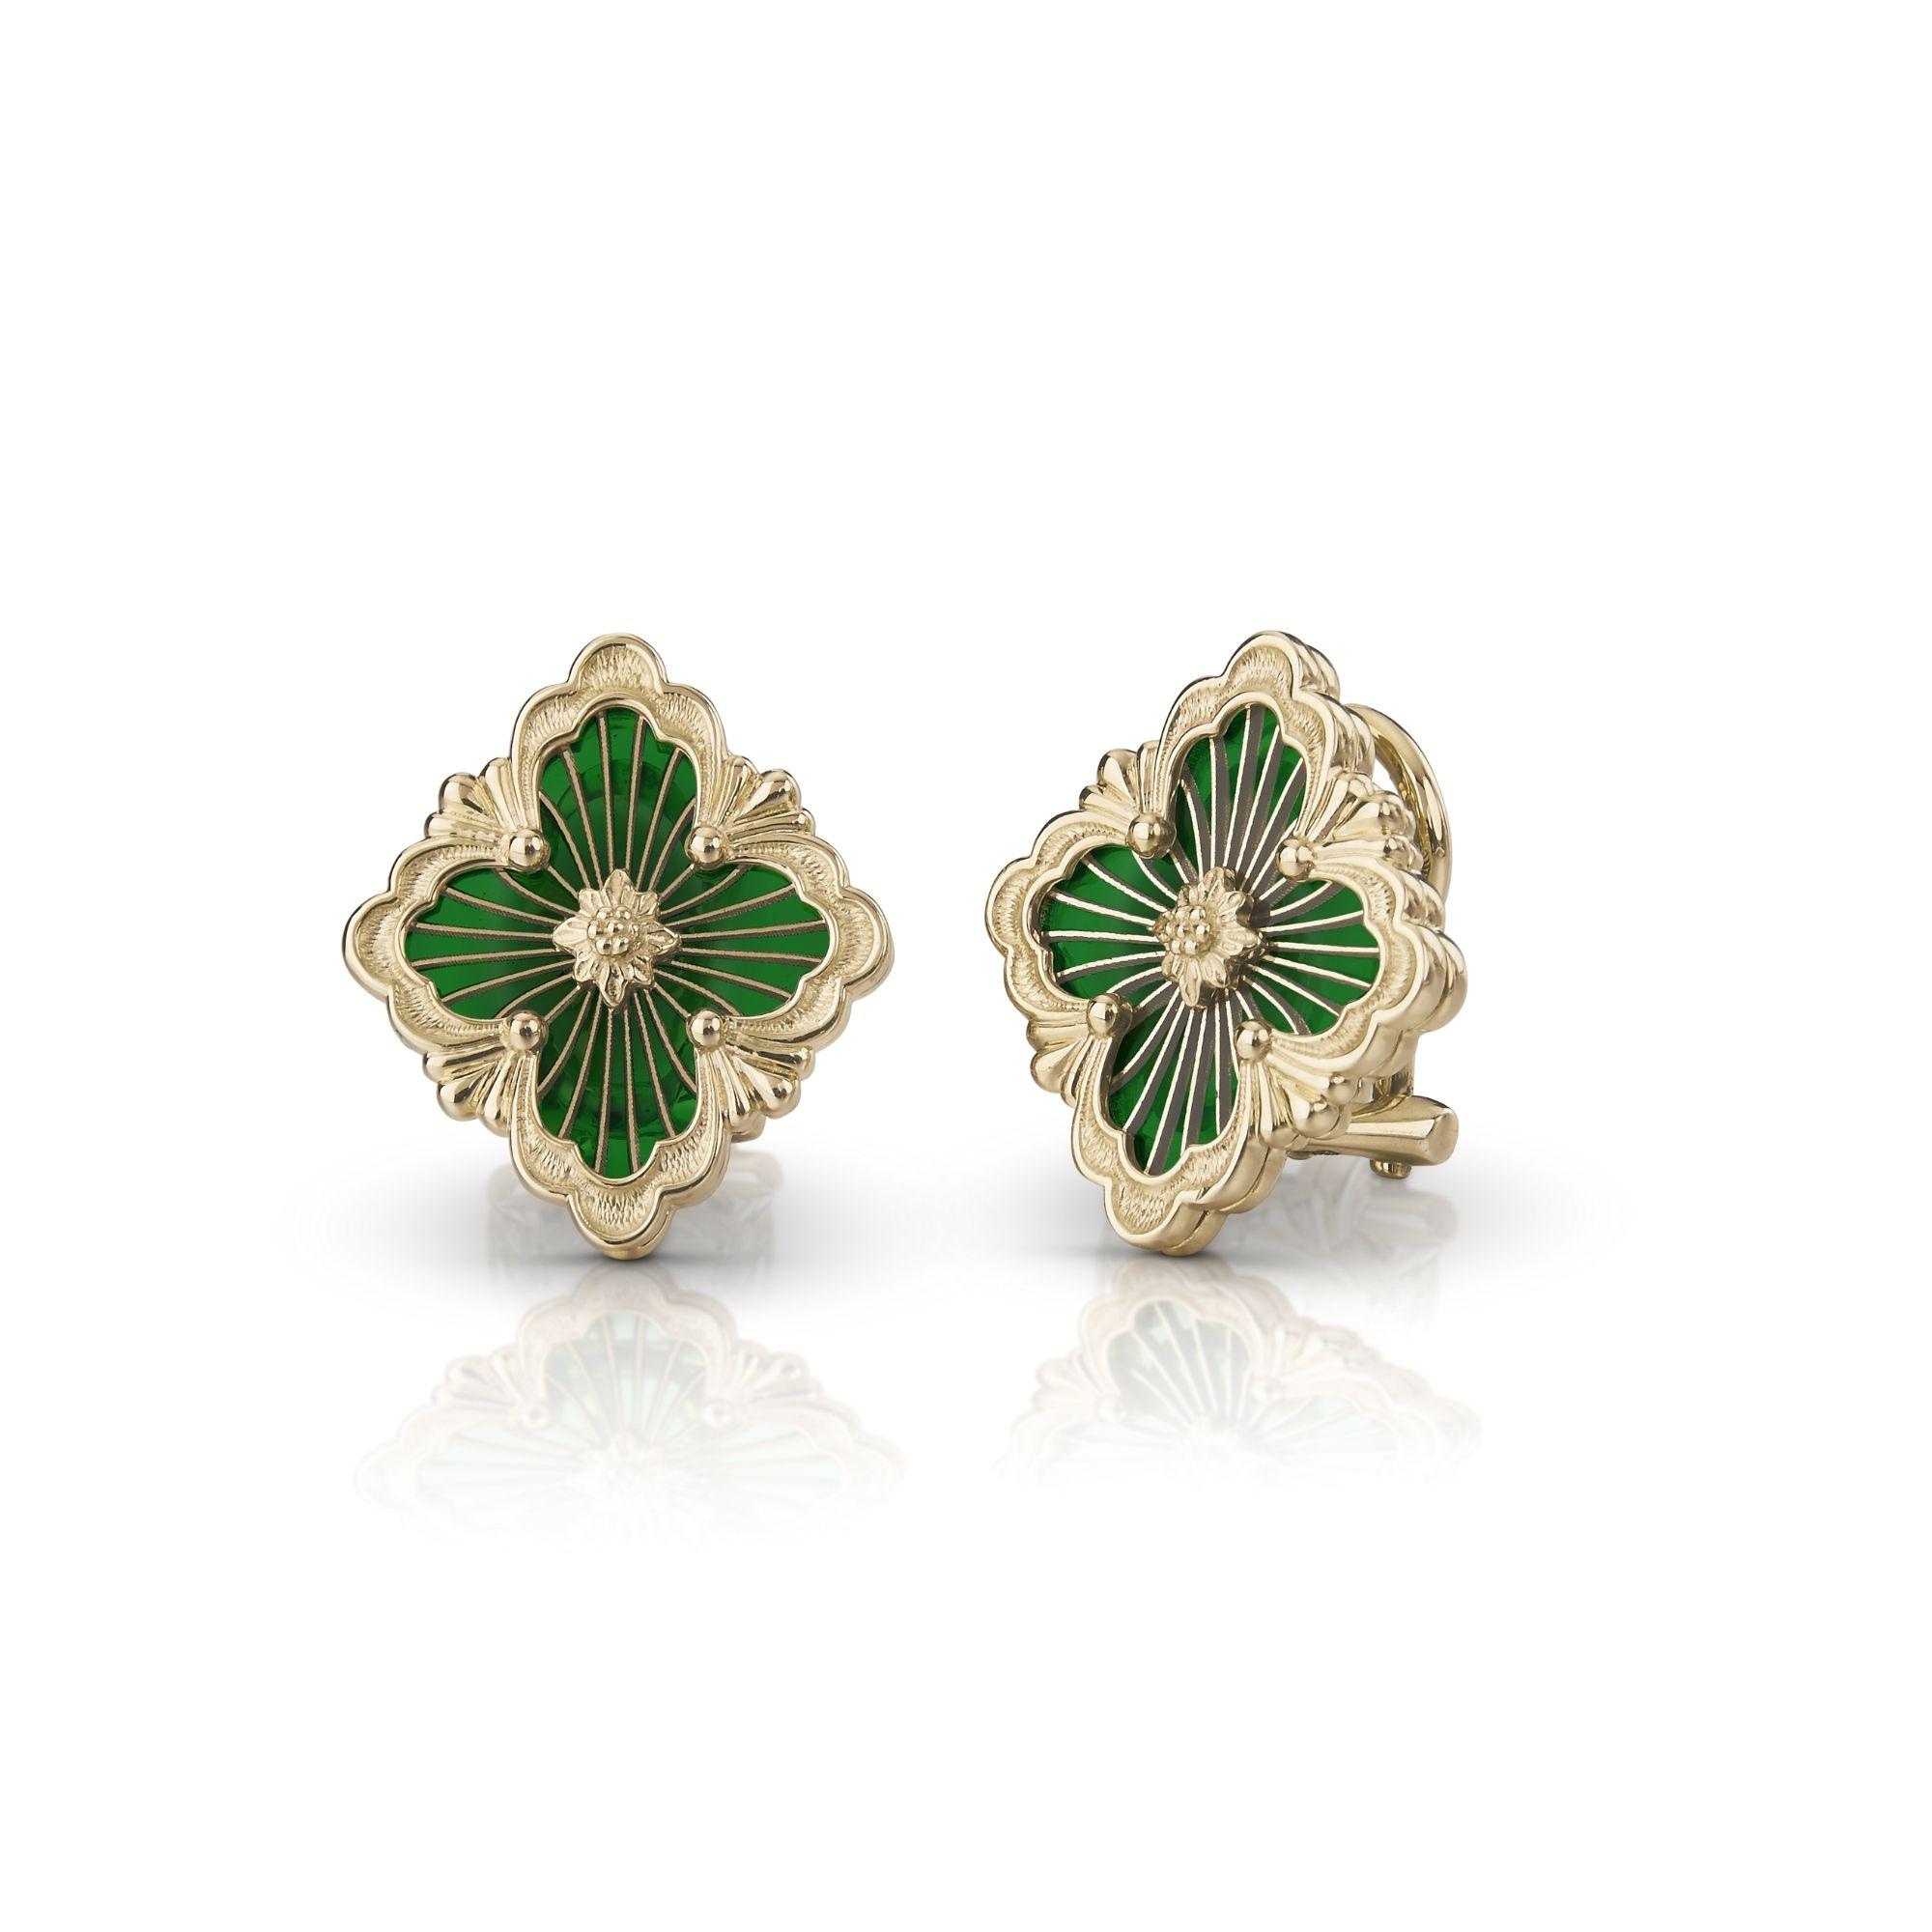 EAR017814 orecchini opera in oro giallo e smalto cattedrale verde buccellato earrings sconto discount